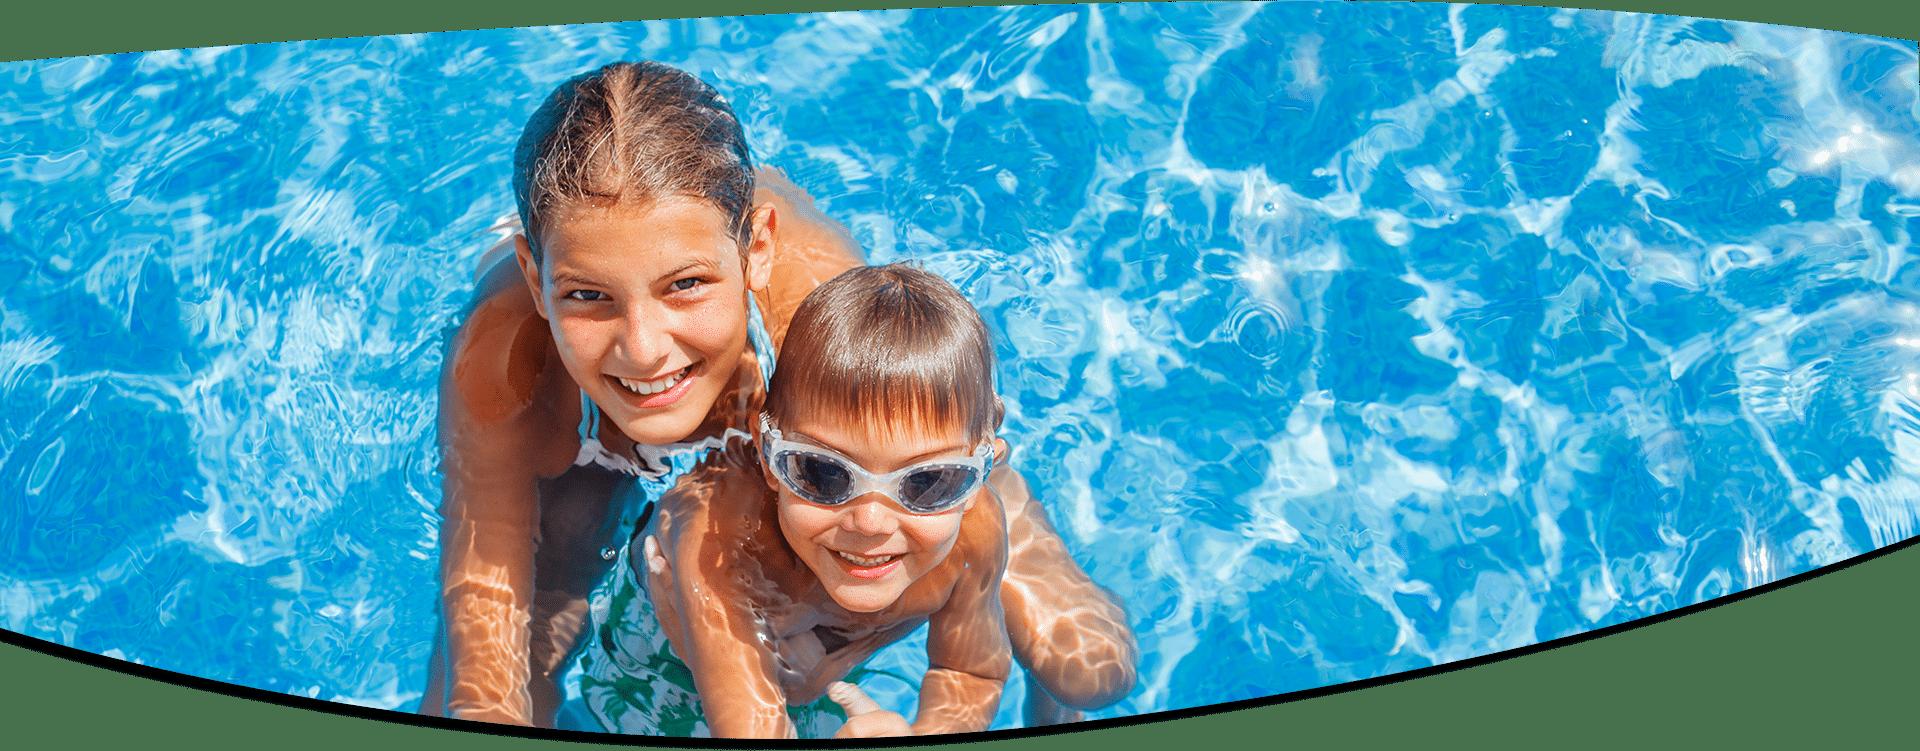 La mejor solución para el calentamiento de su piscina